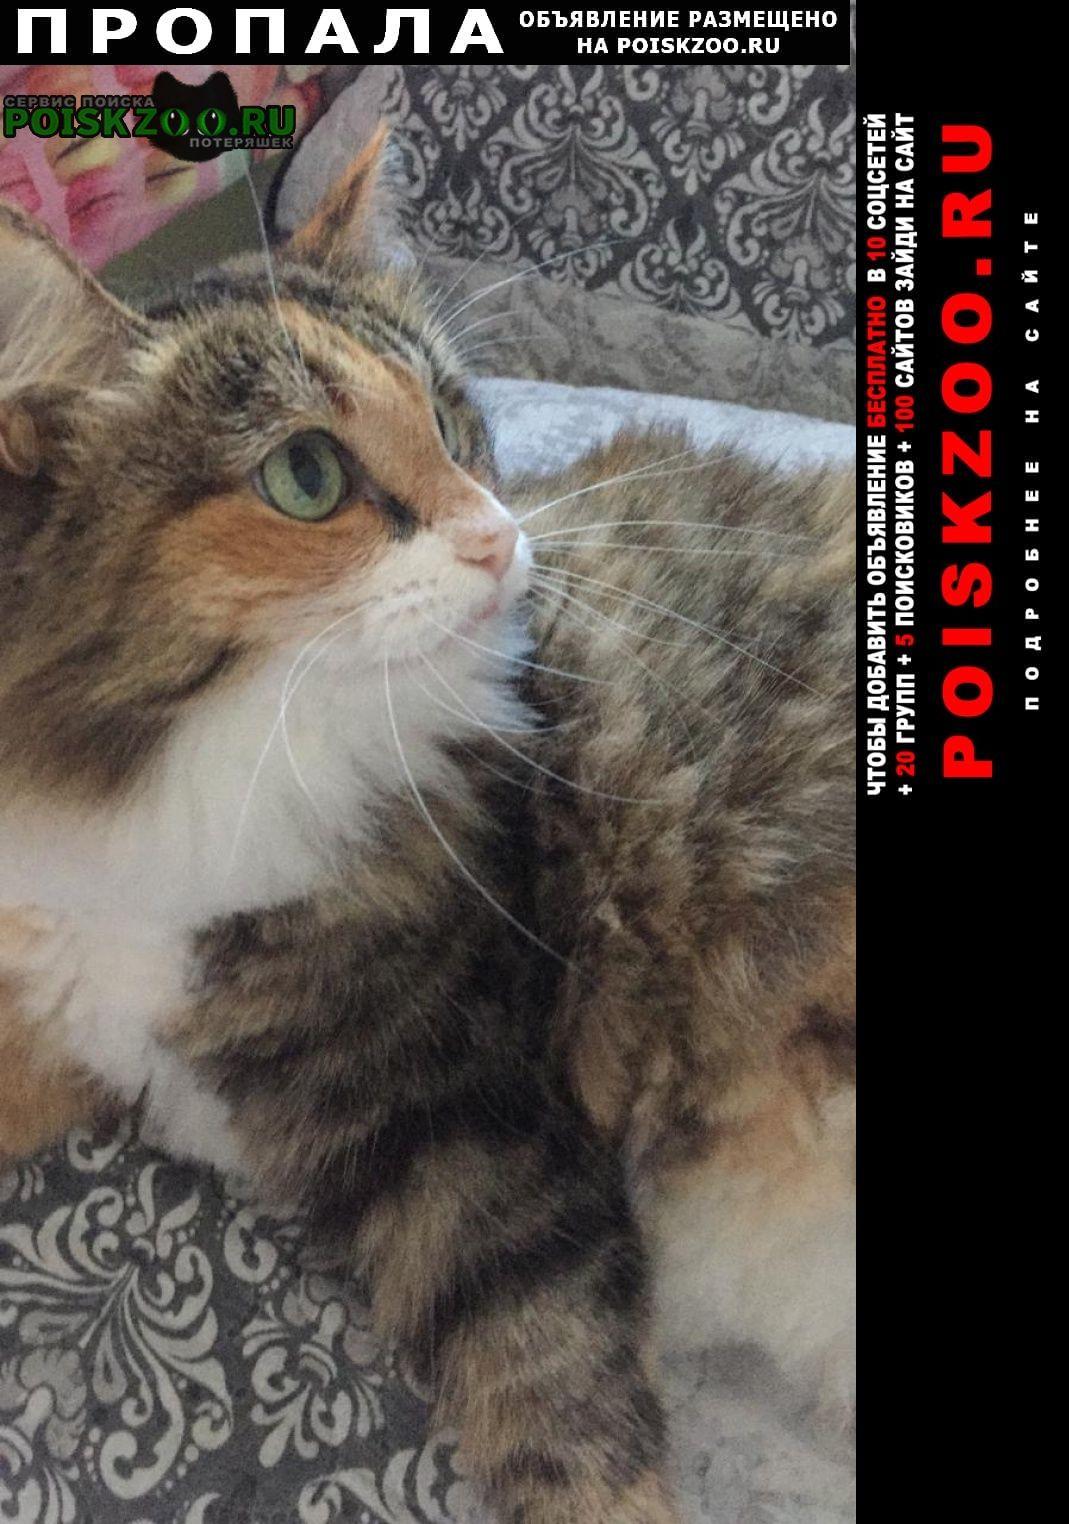 Пропала кошка помогите найти любимую кошку Серпухов